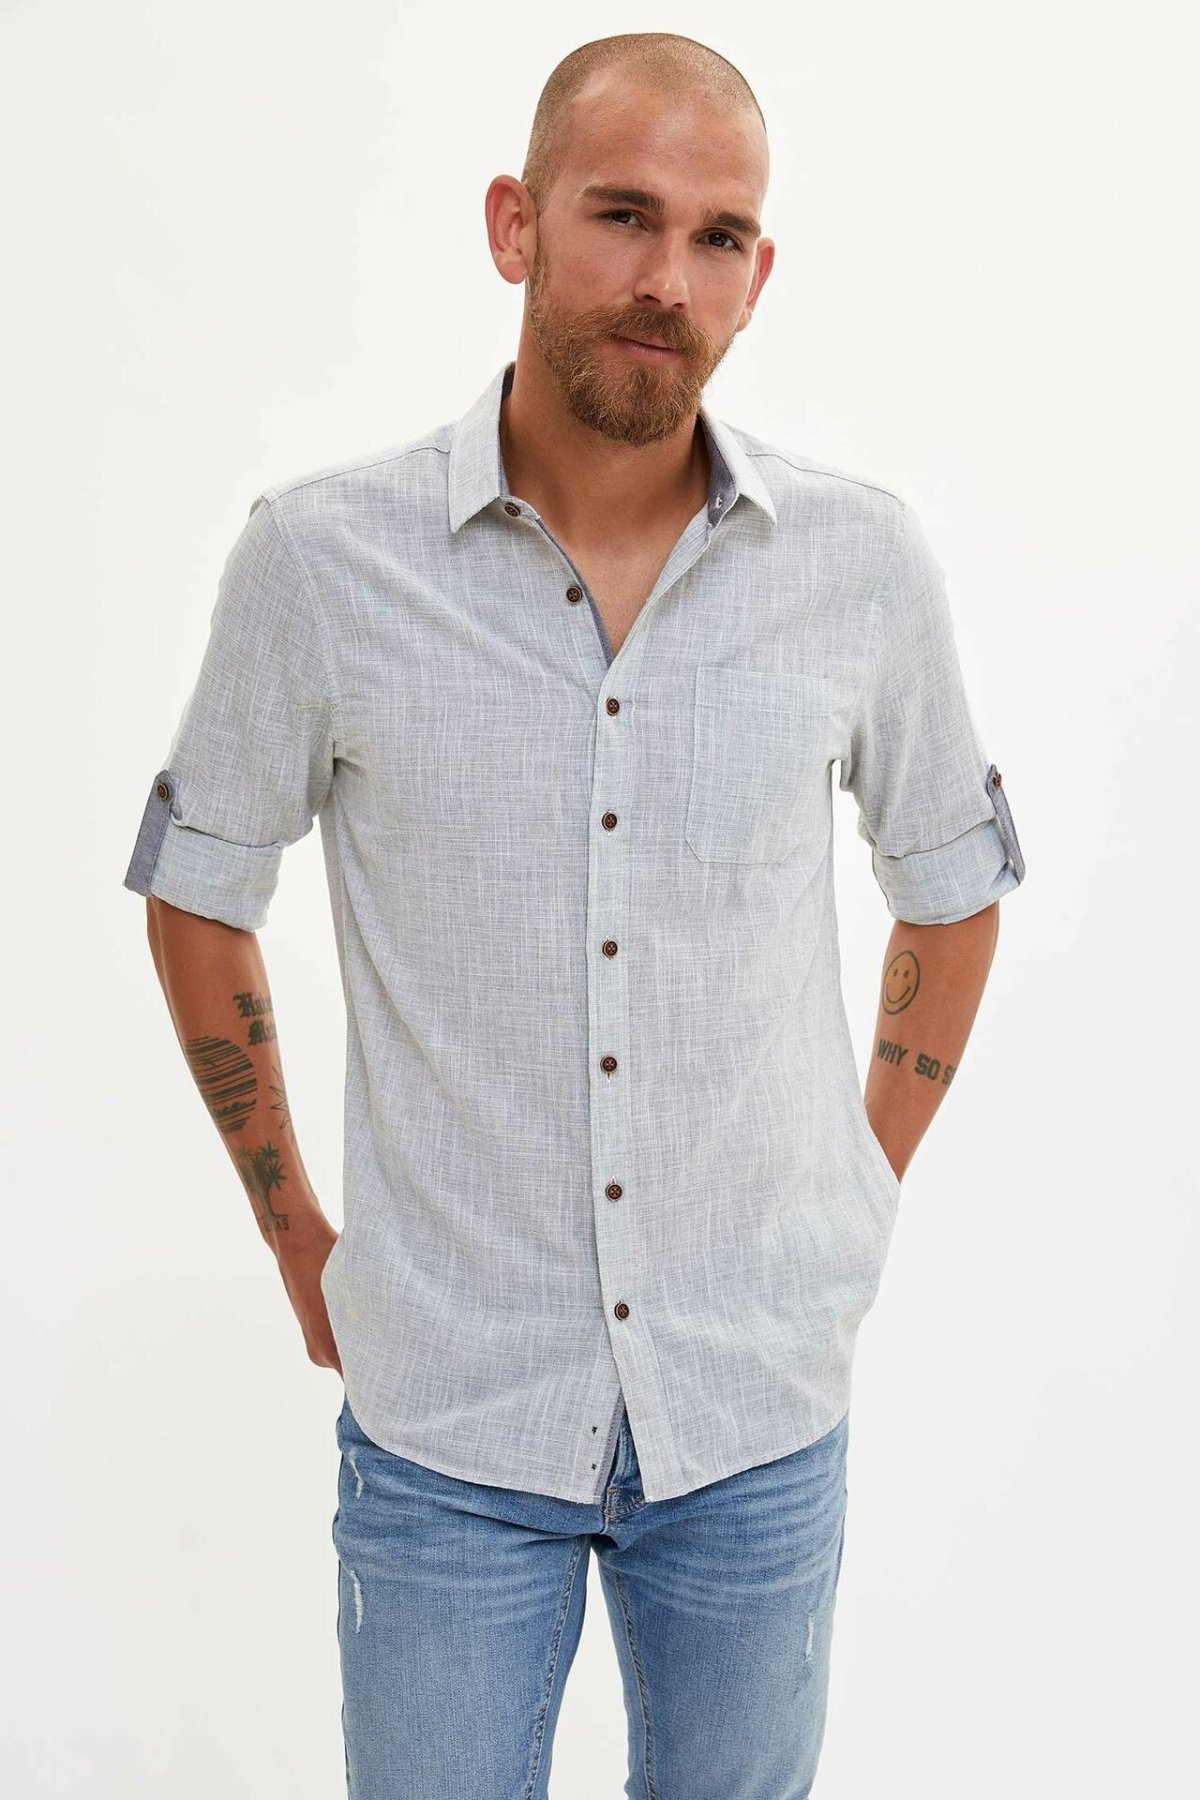 DeFacto Men Fashion Solid Lapel Collar Shirts Short Sleeve Simple Shirts Men Casual Polos Cotton Shirt - L8485AZ19AU